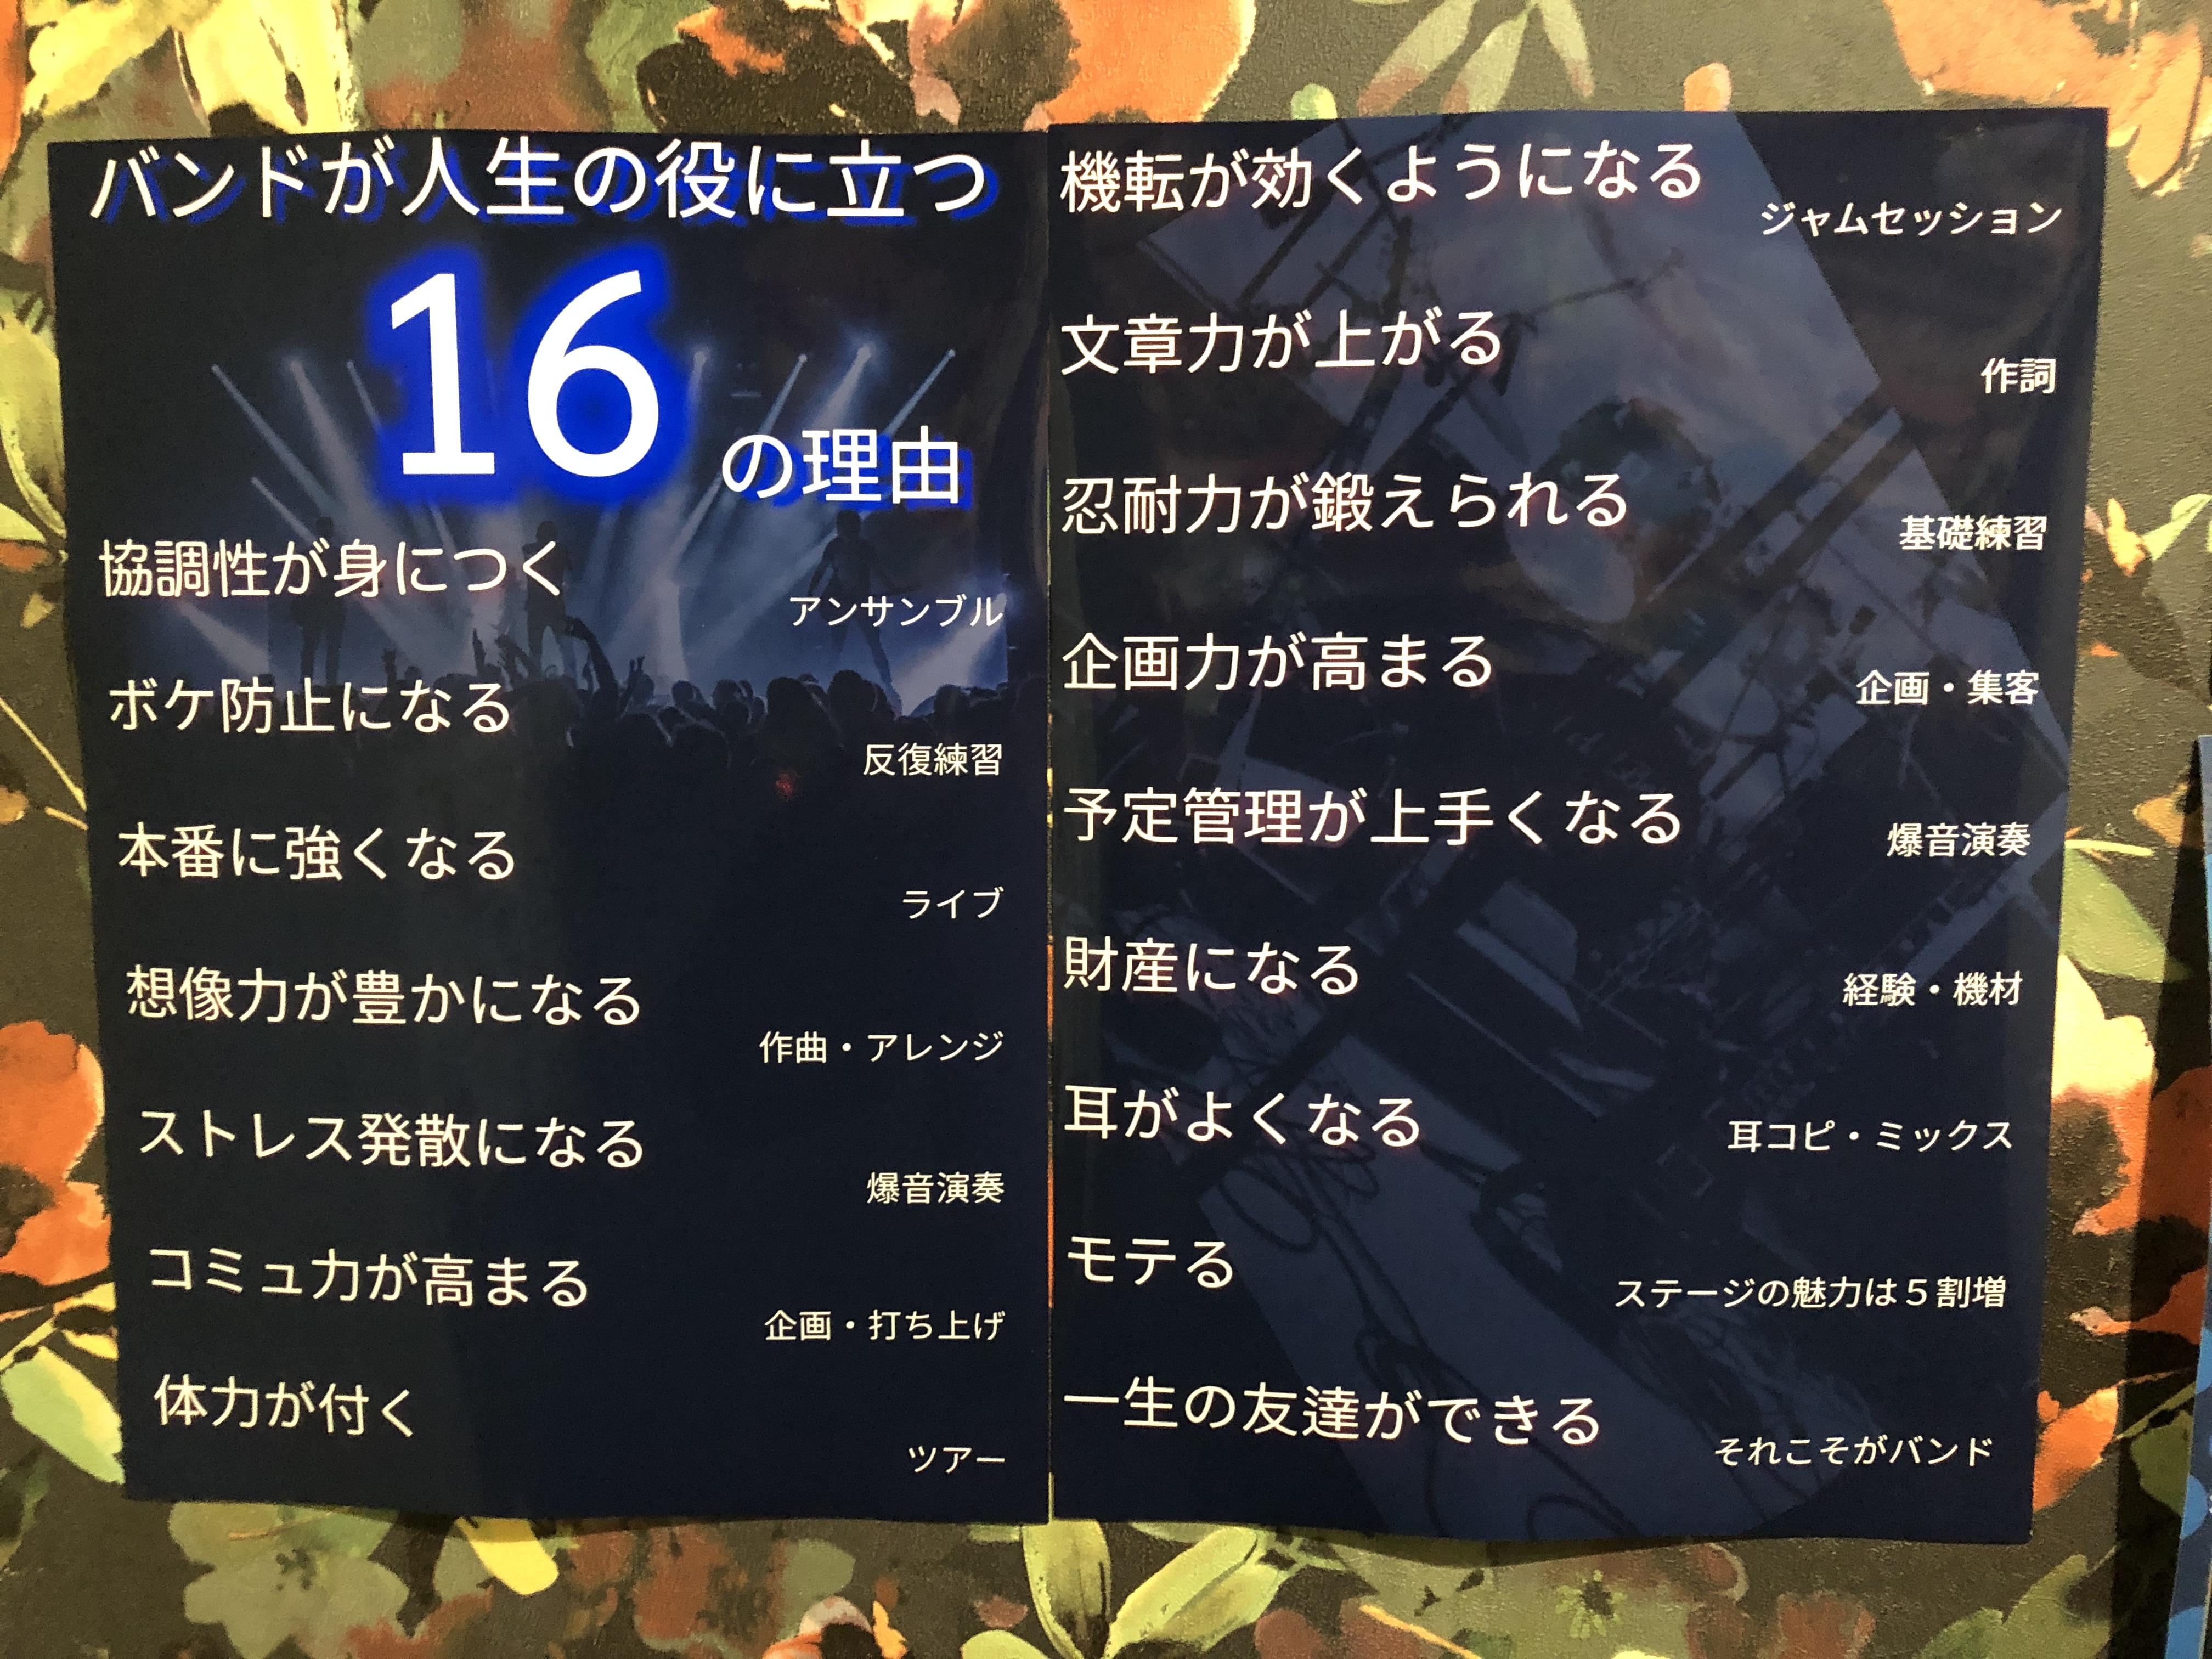 16の理由